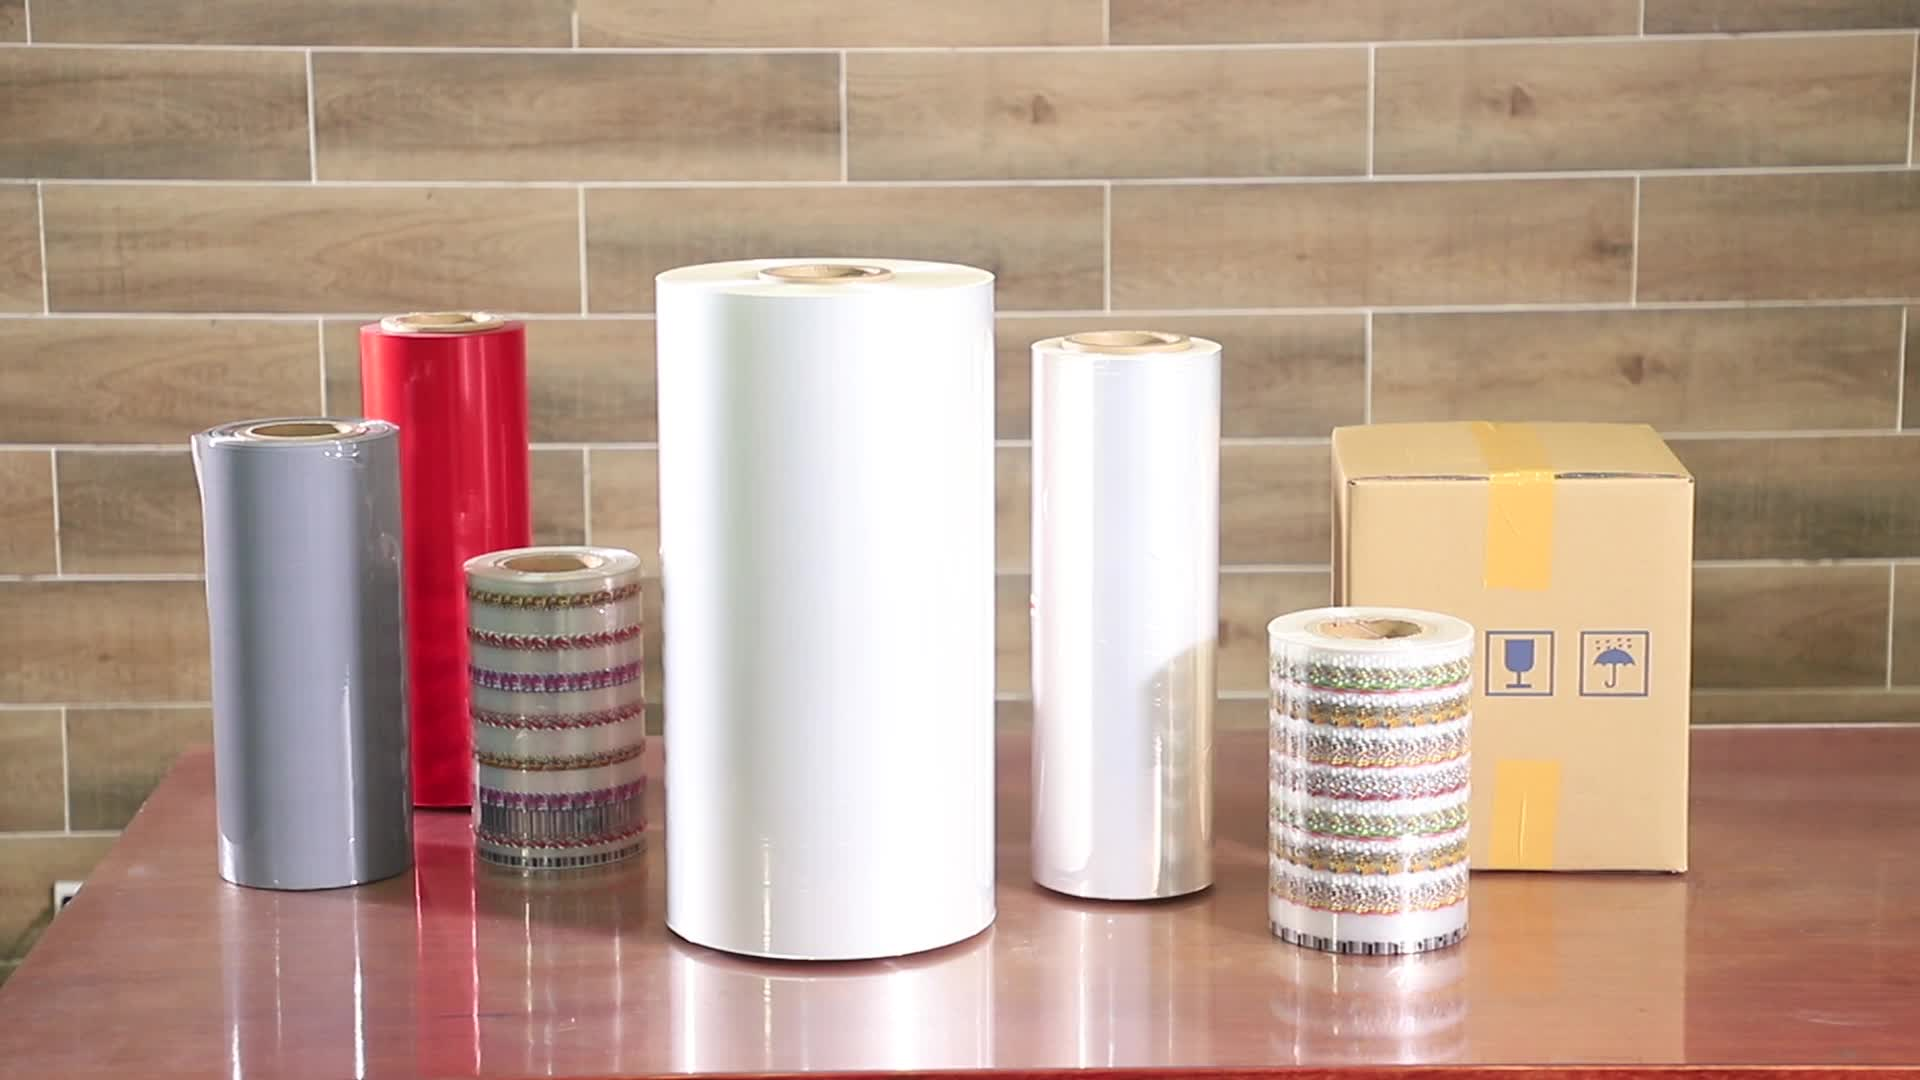 Verpackung material weiß PE/polyolefin schrumpffolie klar schrumpfkunststofffolie